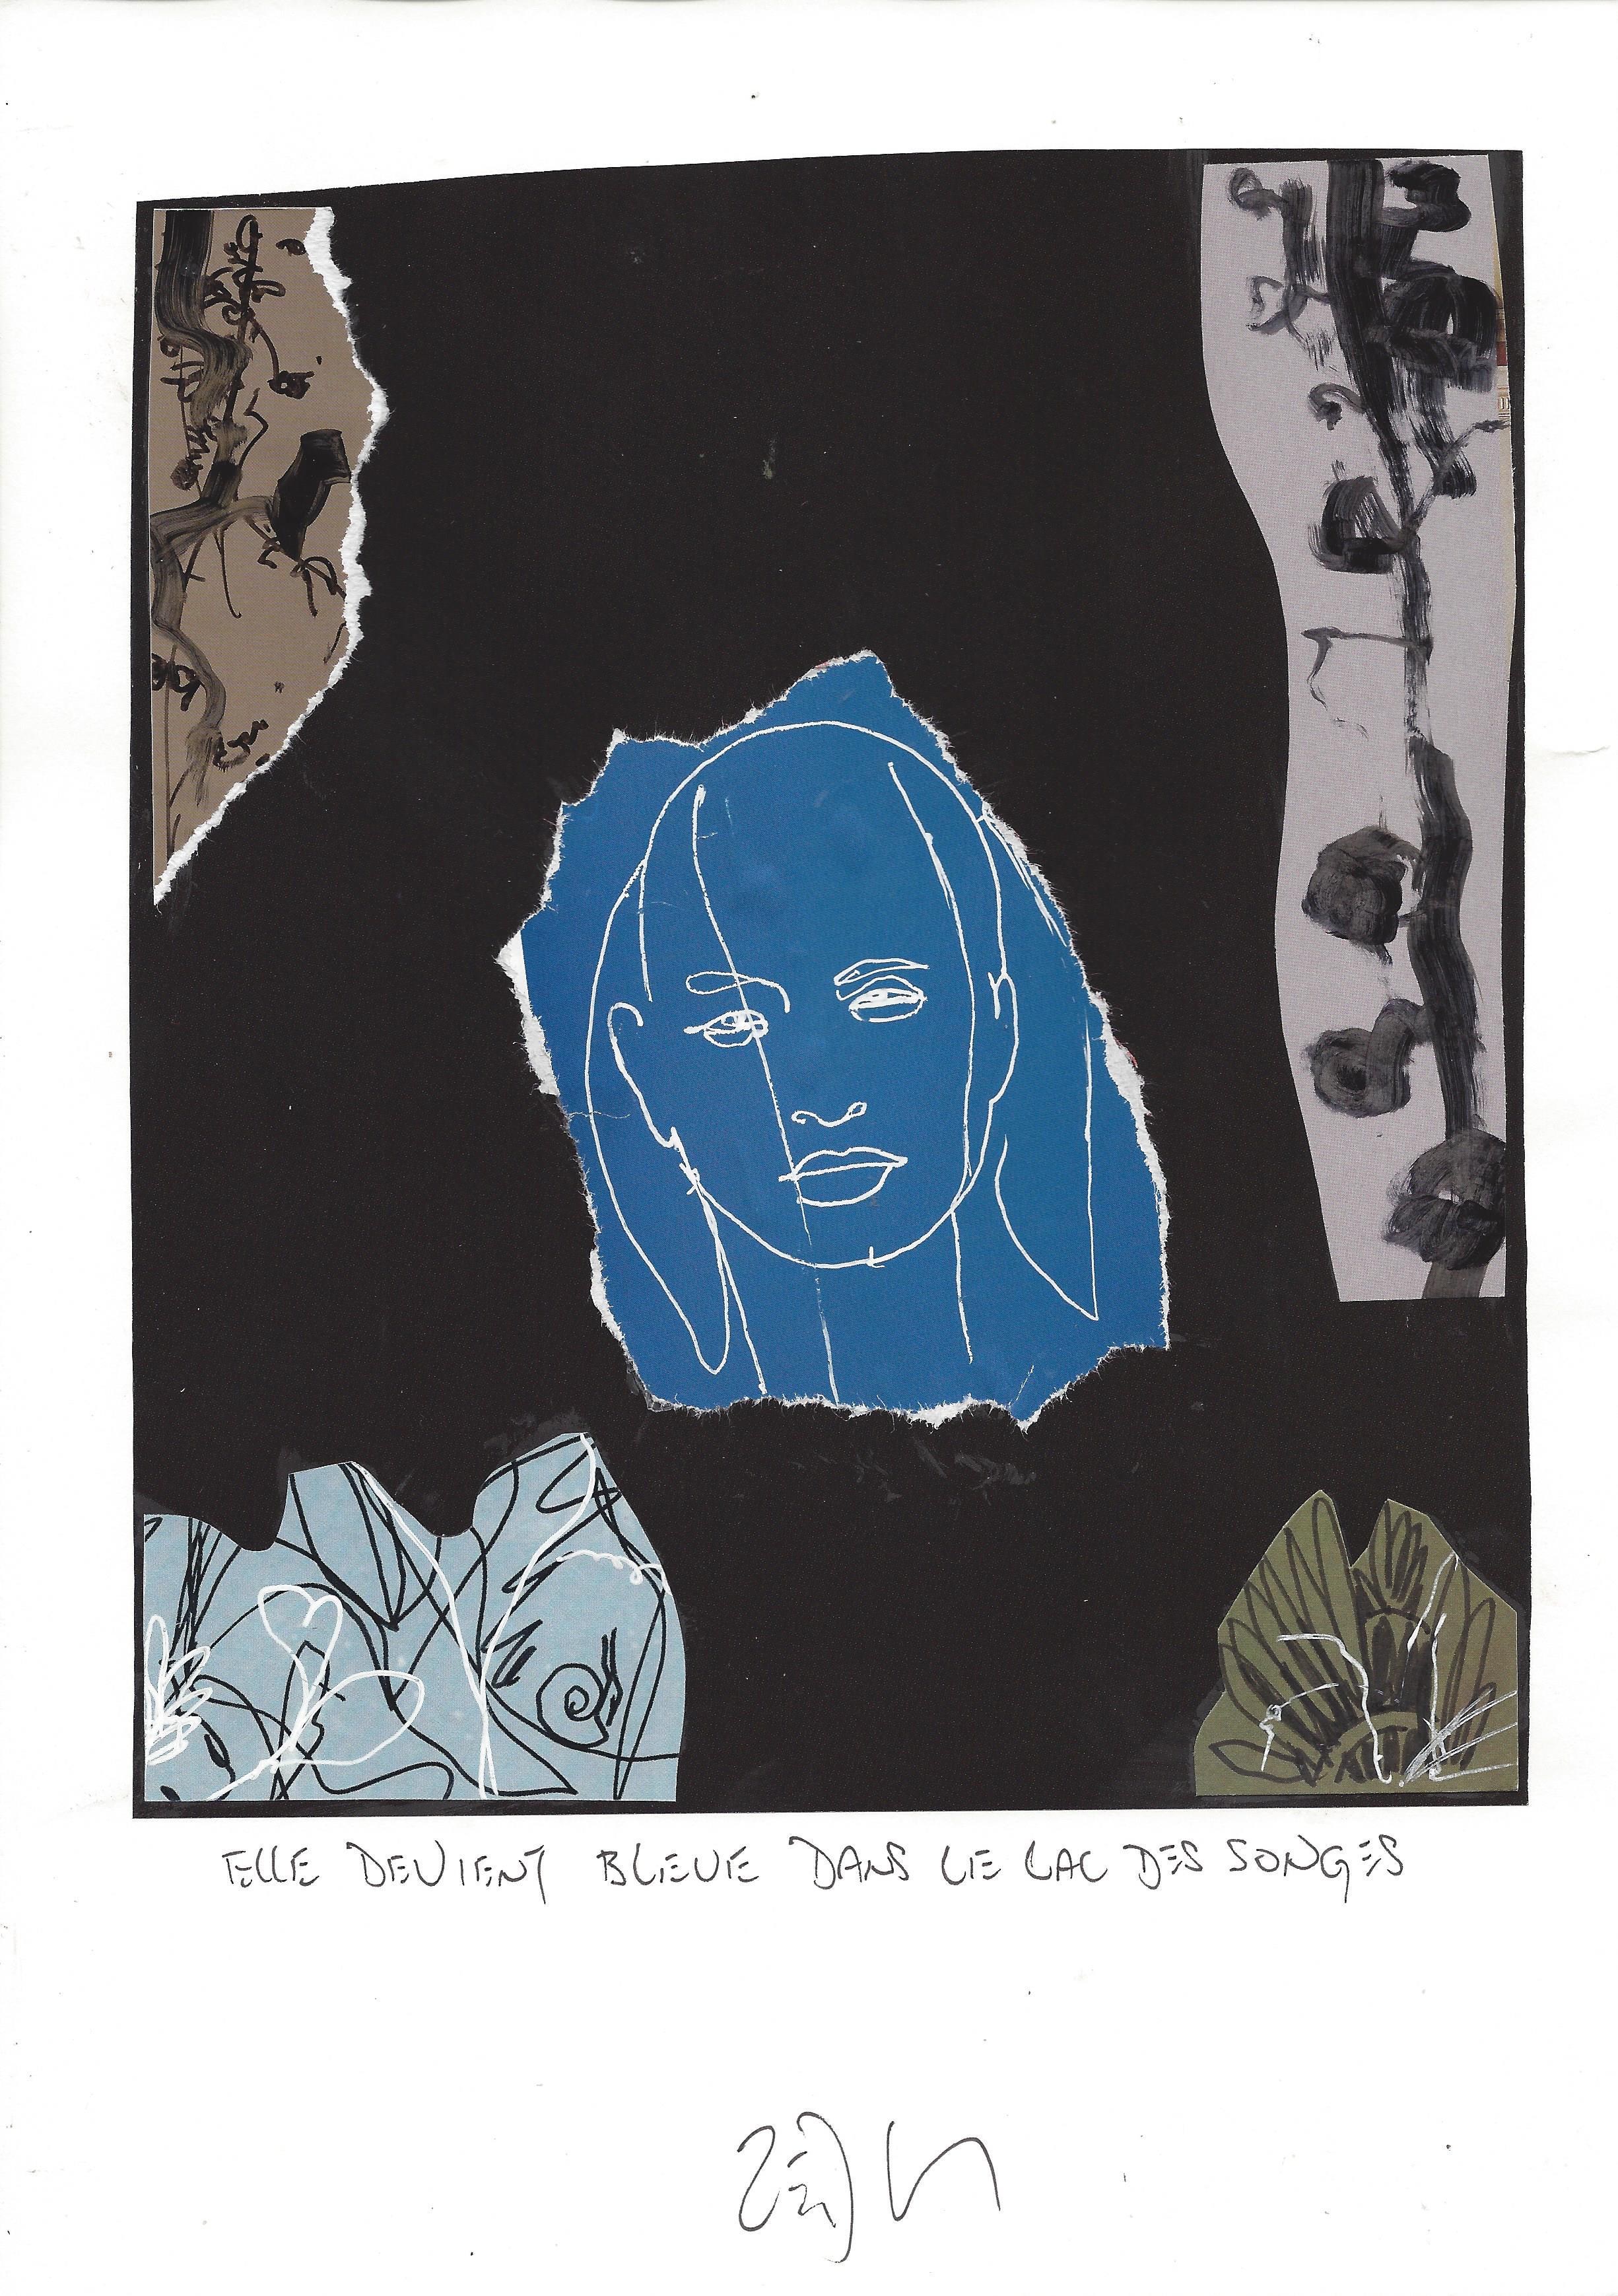 « Turning blue in the lake of dreams – Elle devient bleue dans le lac des songes »